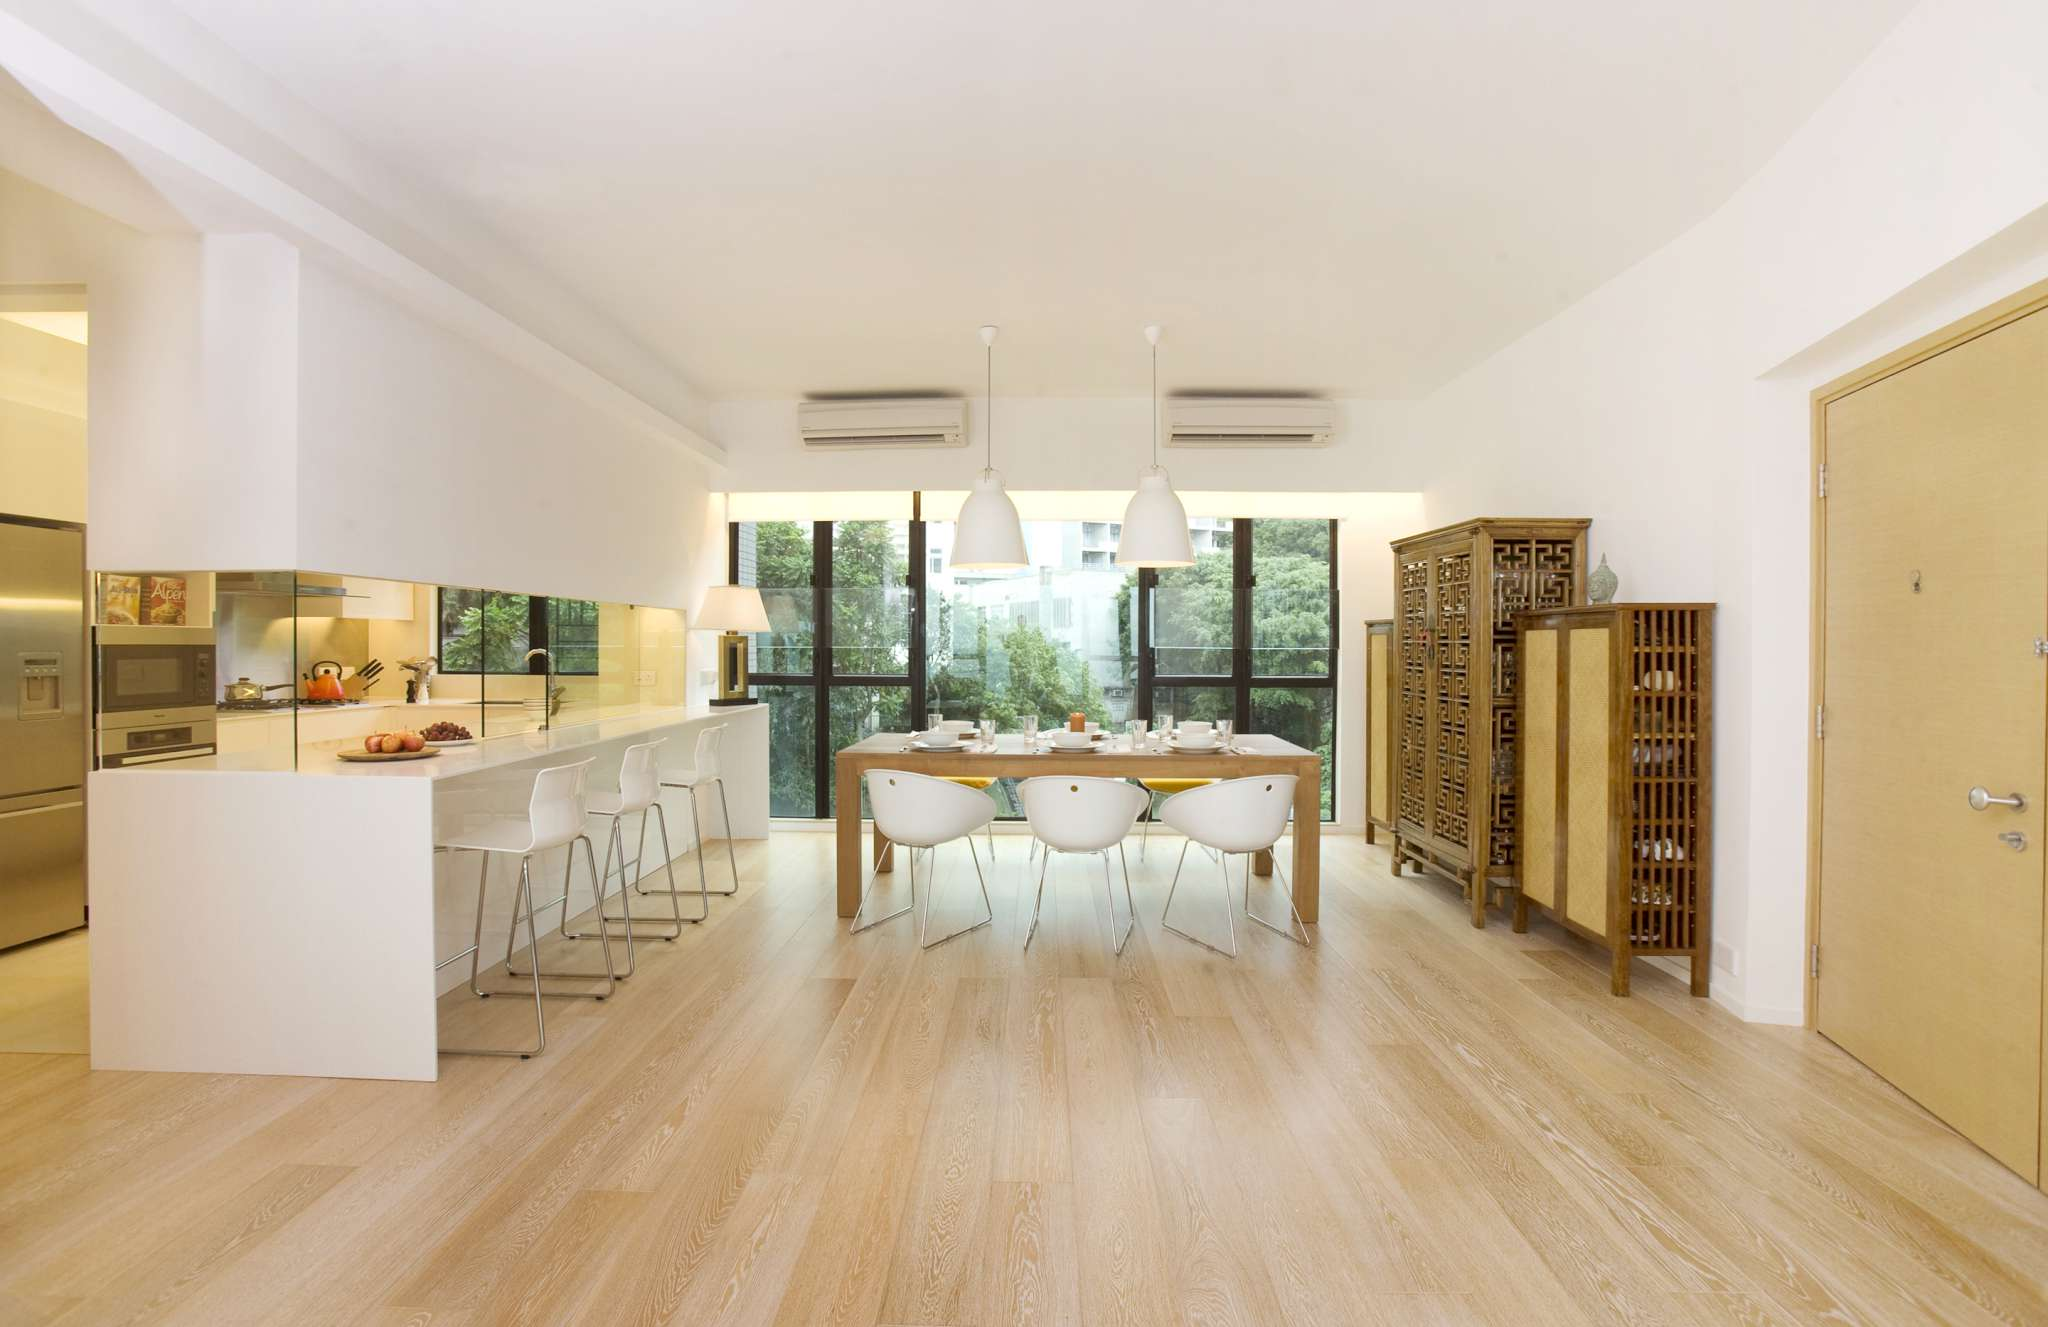 Modern Interior Design HK-Royalton-Dining Room